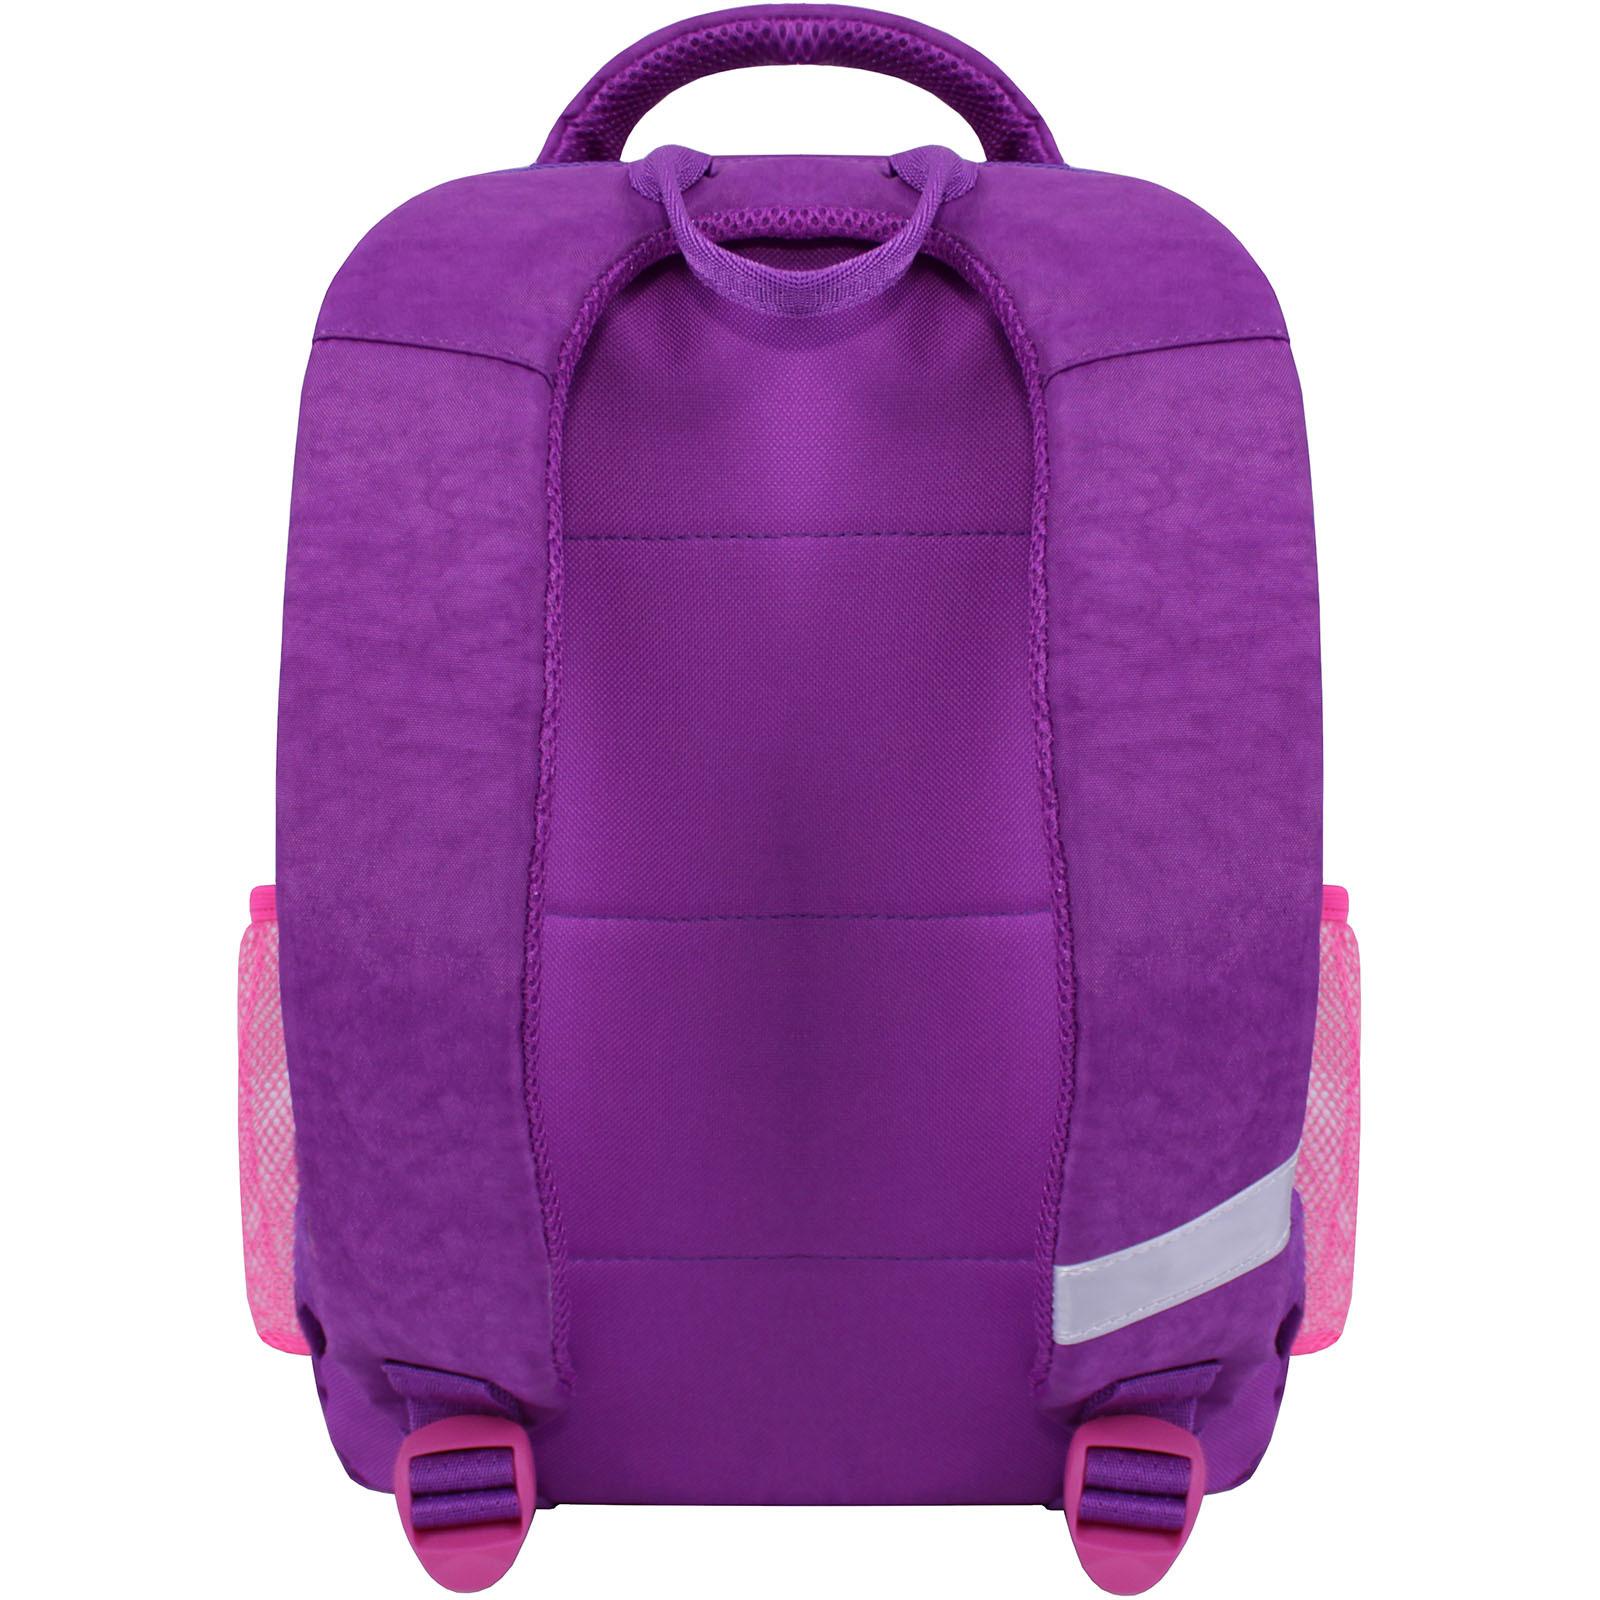 Рюкзак школьный Bagland Школьник 8 л. Фиолетовый 596 (00112702) фото 3